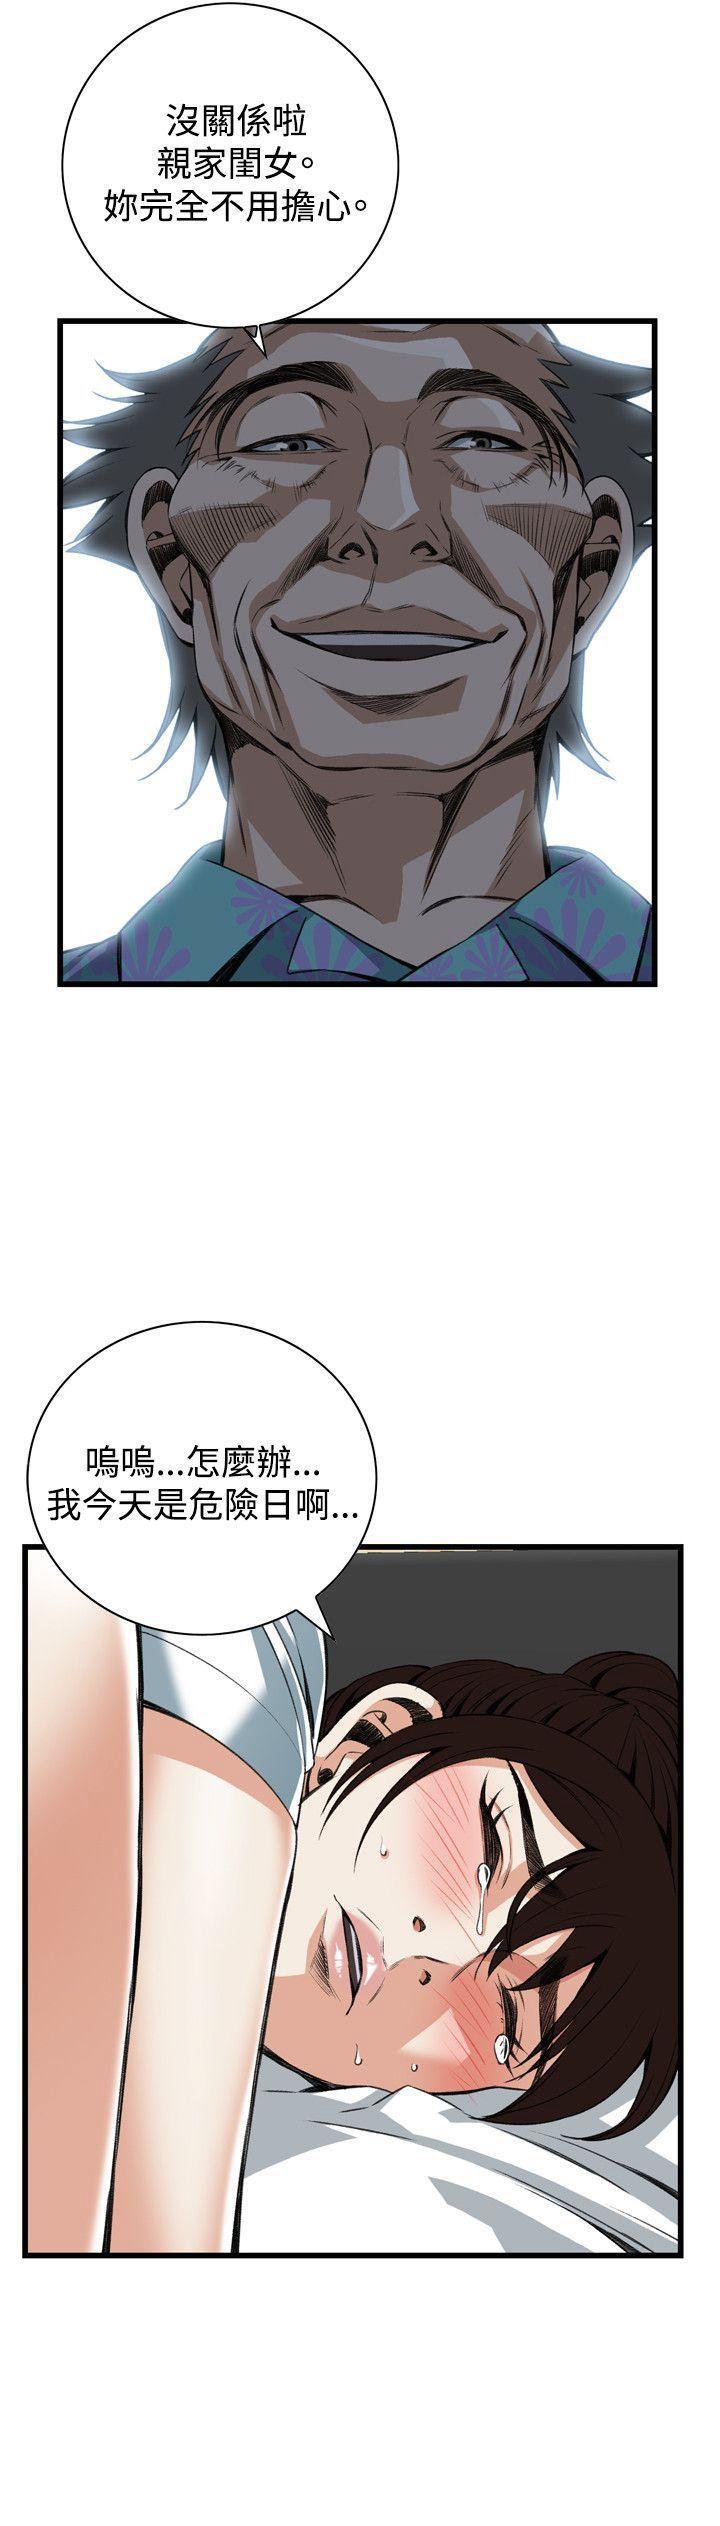 偷窥72-93 Chinese Rsiky 446